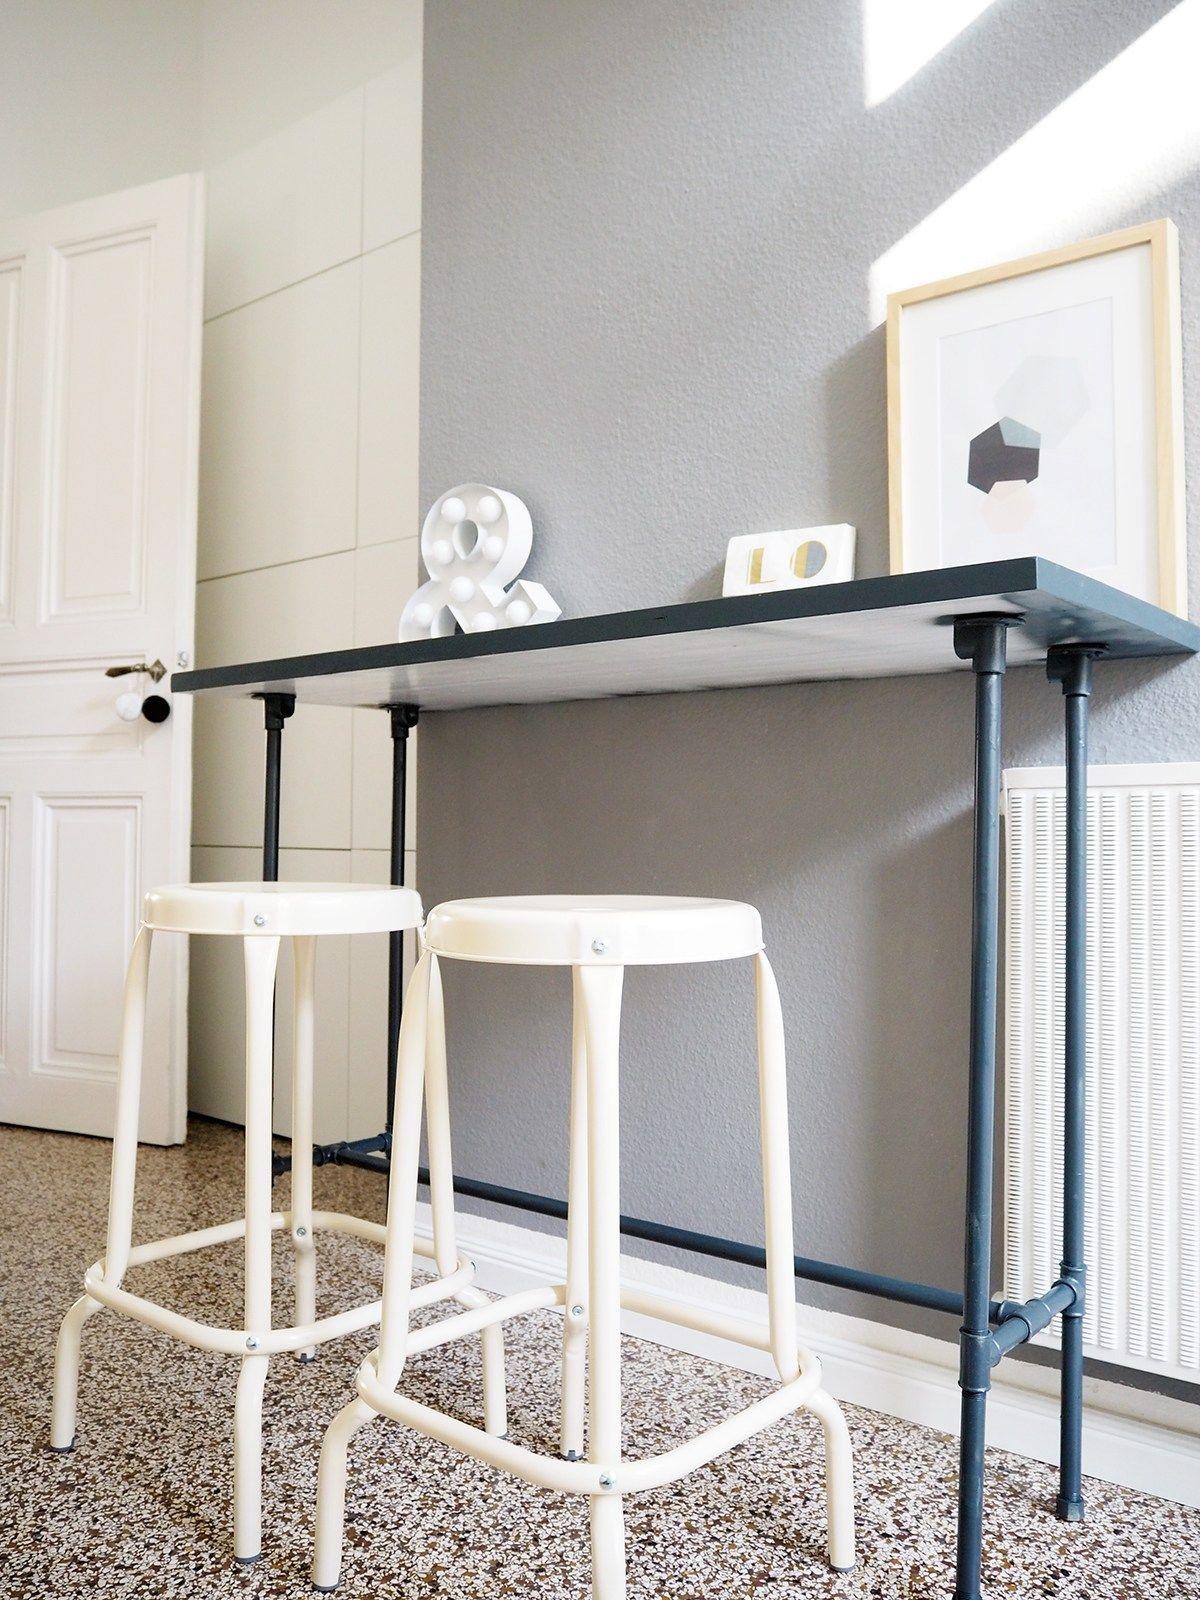 DIY-Bartisch aus Installationsrohren | Möbel | Bartisch, Tisch und ...